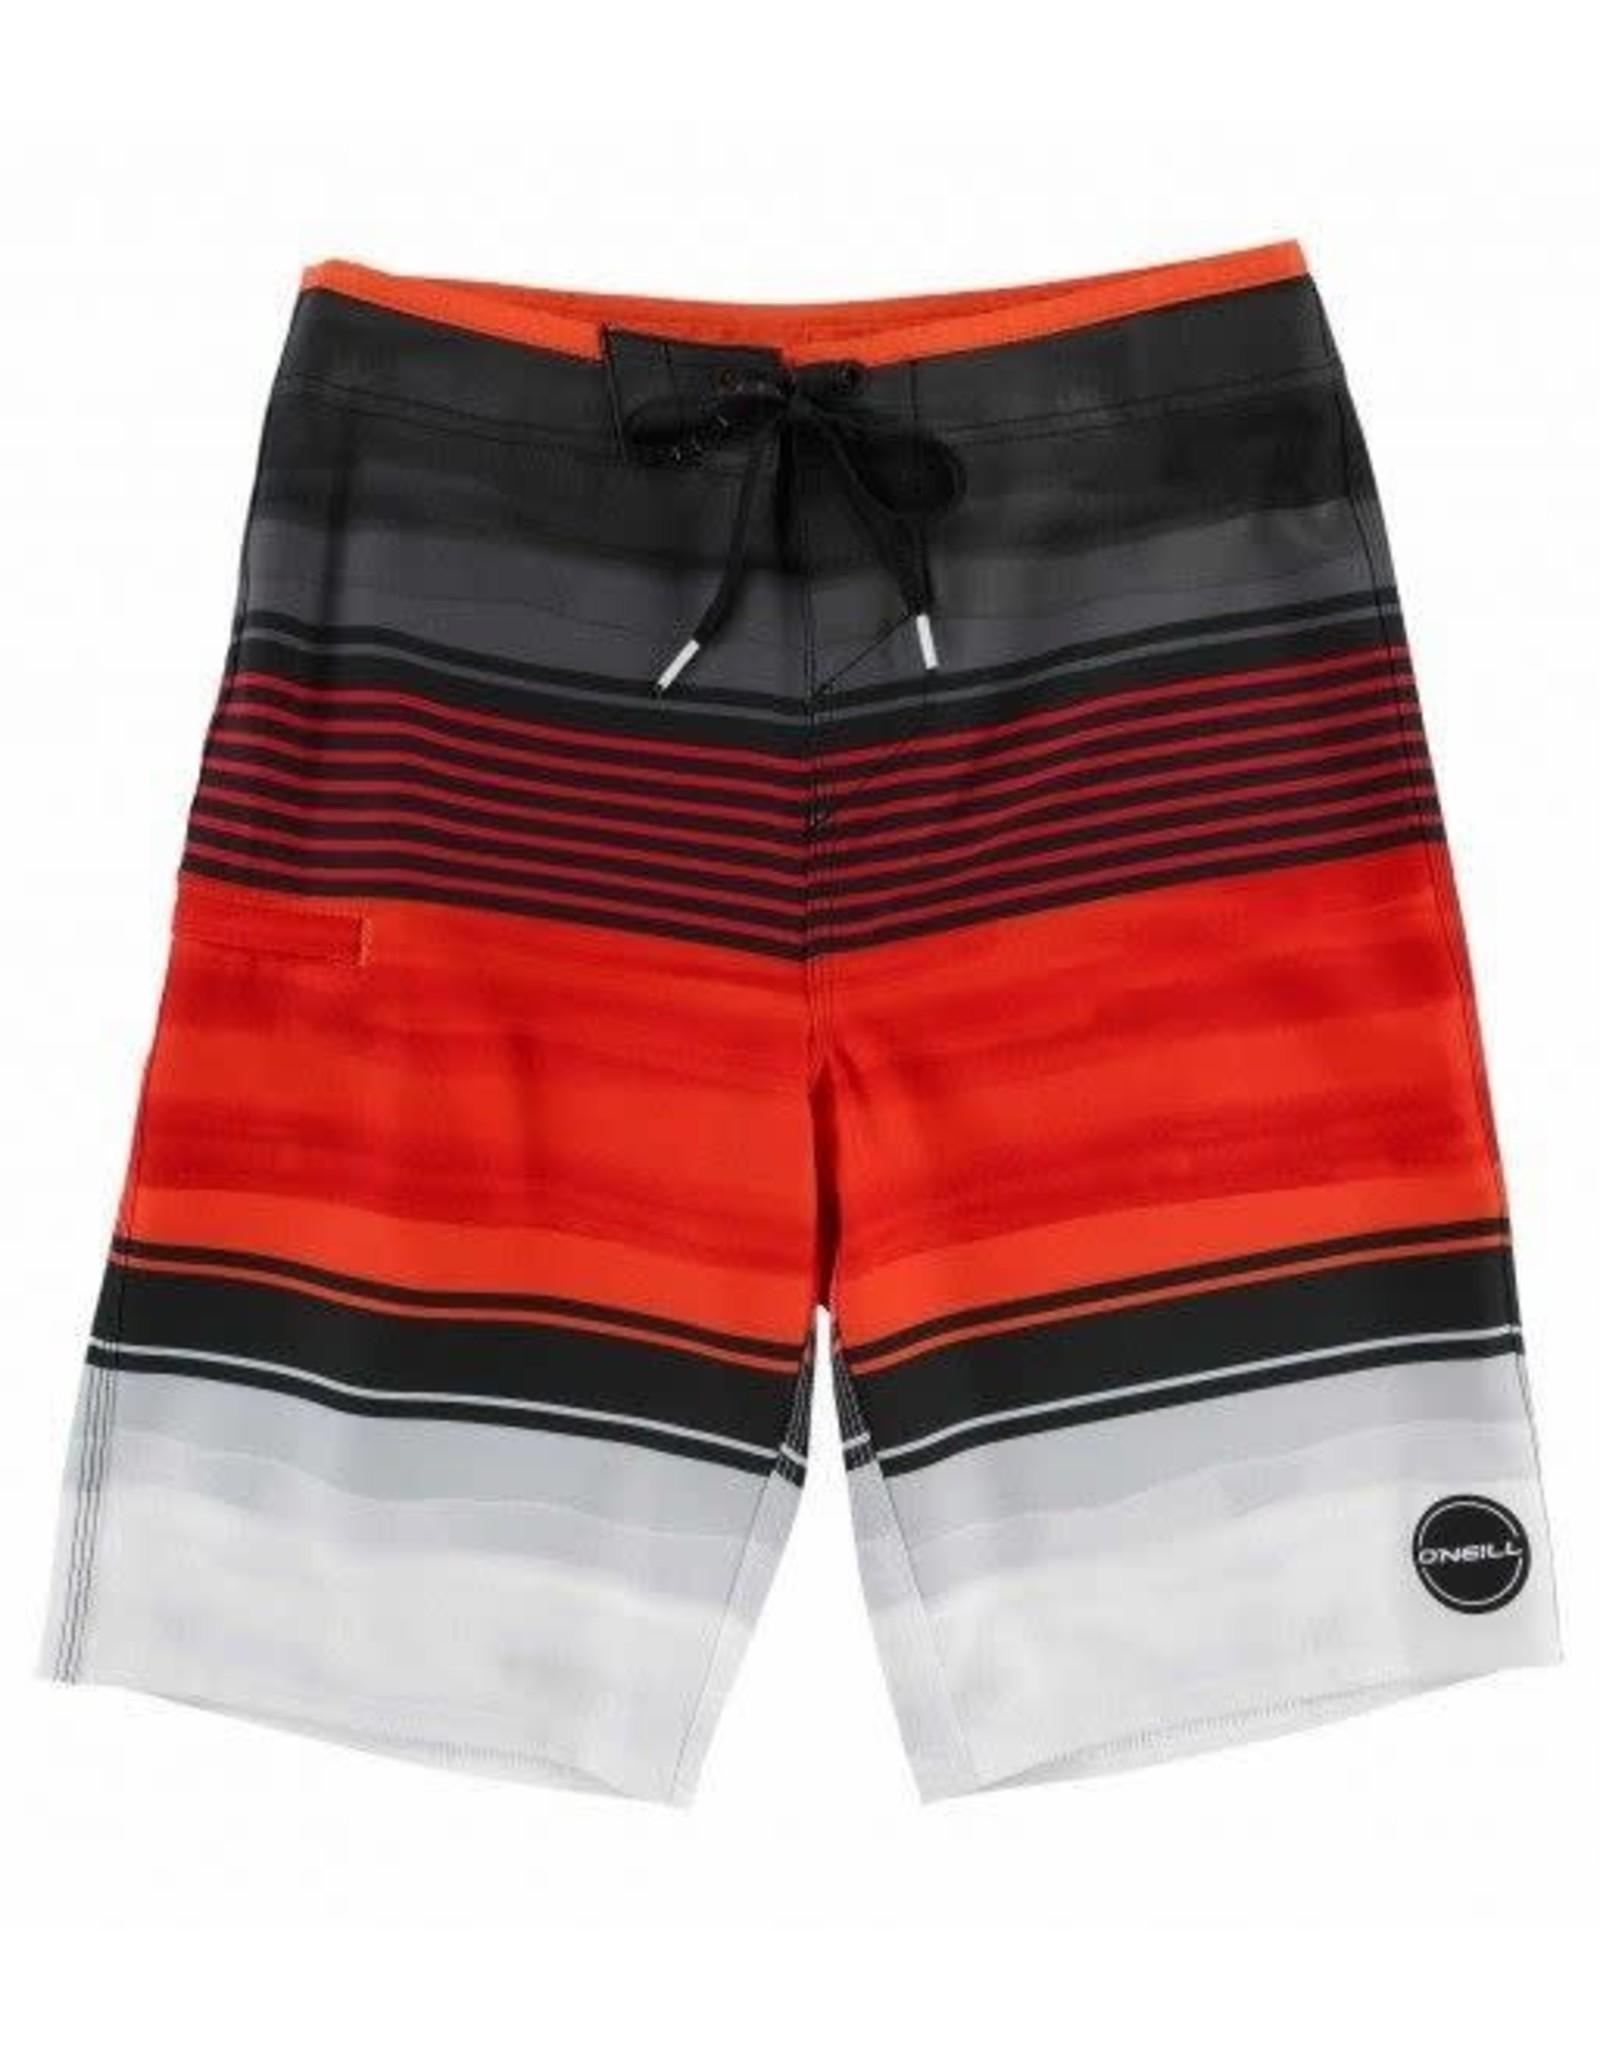 O'Neill Sportswear Hyperfreak Heist- Neon Red